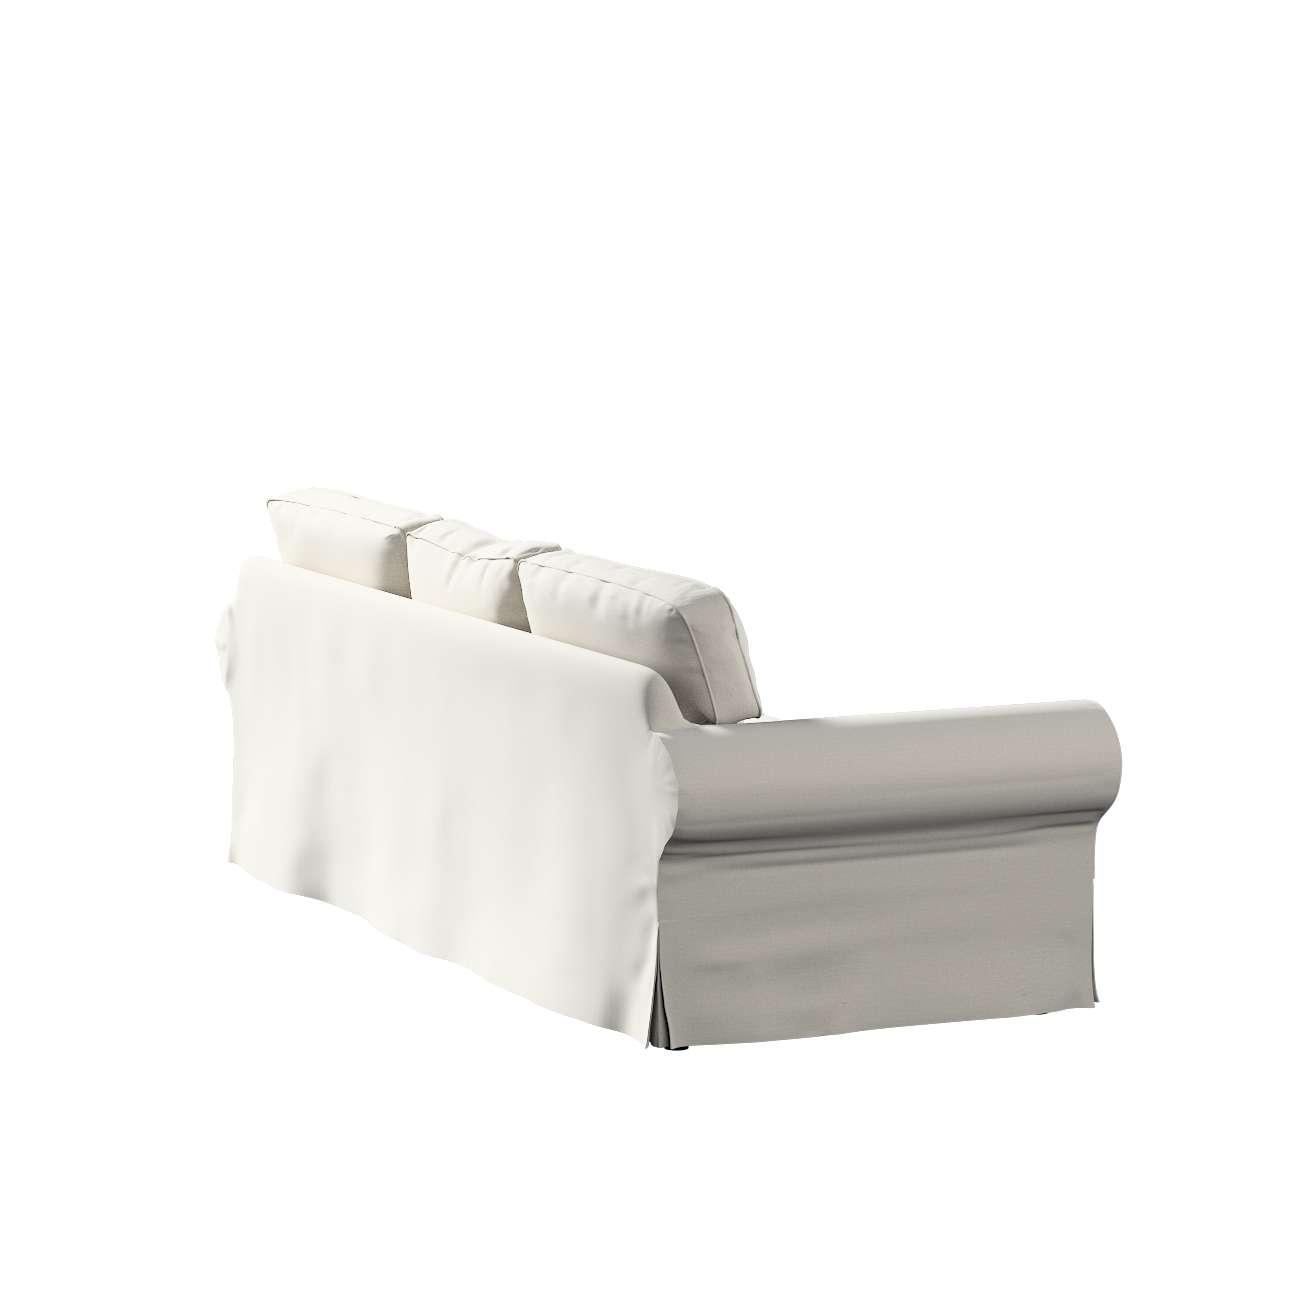 Pokrowiec na sofę Ektorp 3-osobową, rozkładaną, PIXBO w kolekcji Ingrid, tkanina: 705-40